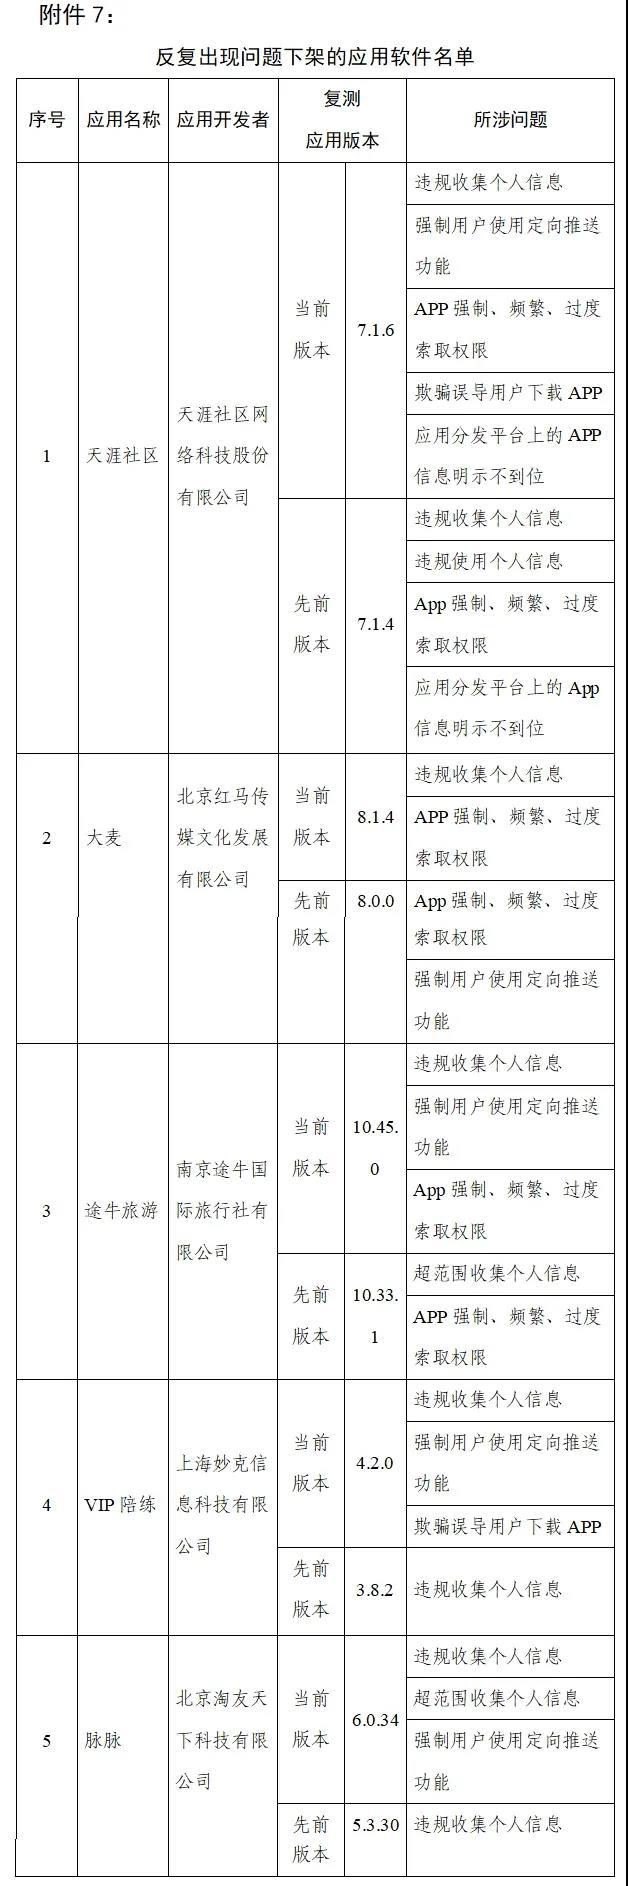 """殯葬子公司連續兩年業績未達標福成股份轉型遭""""滑鐵盧"""""""